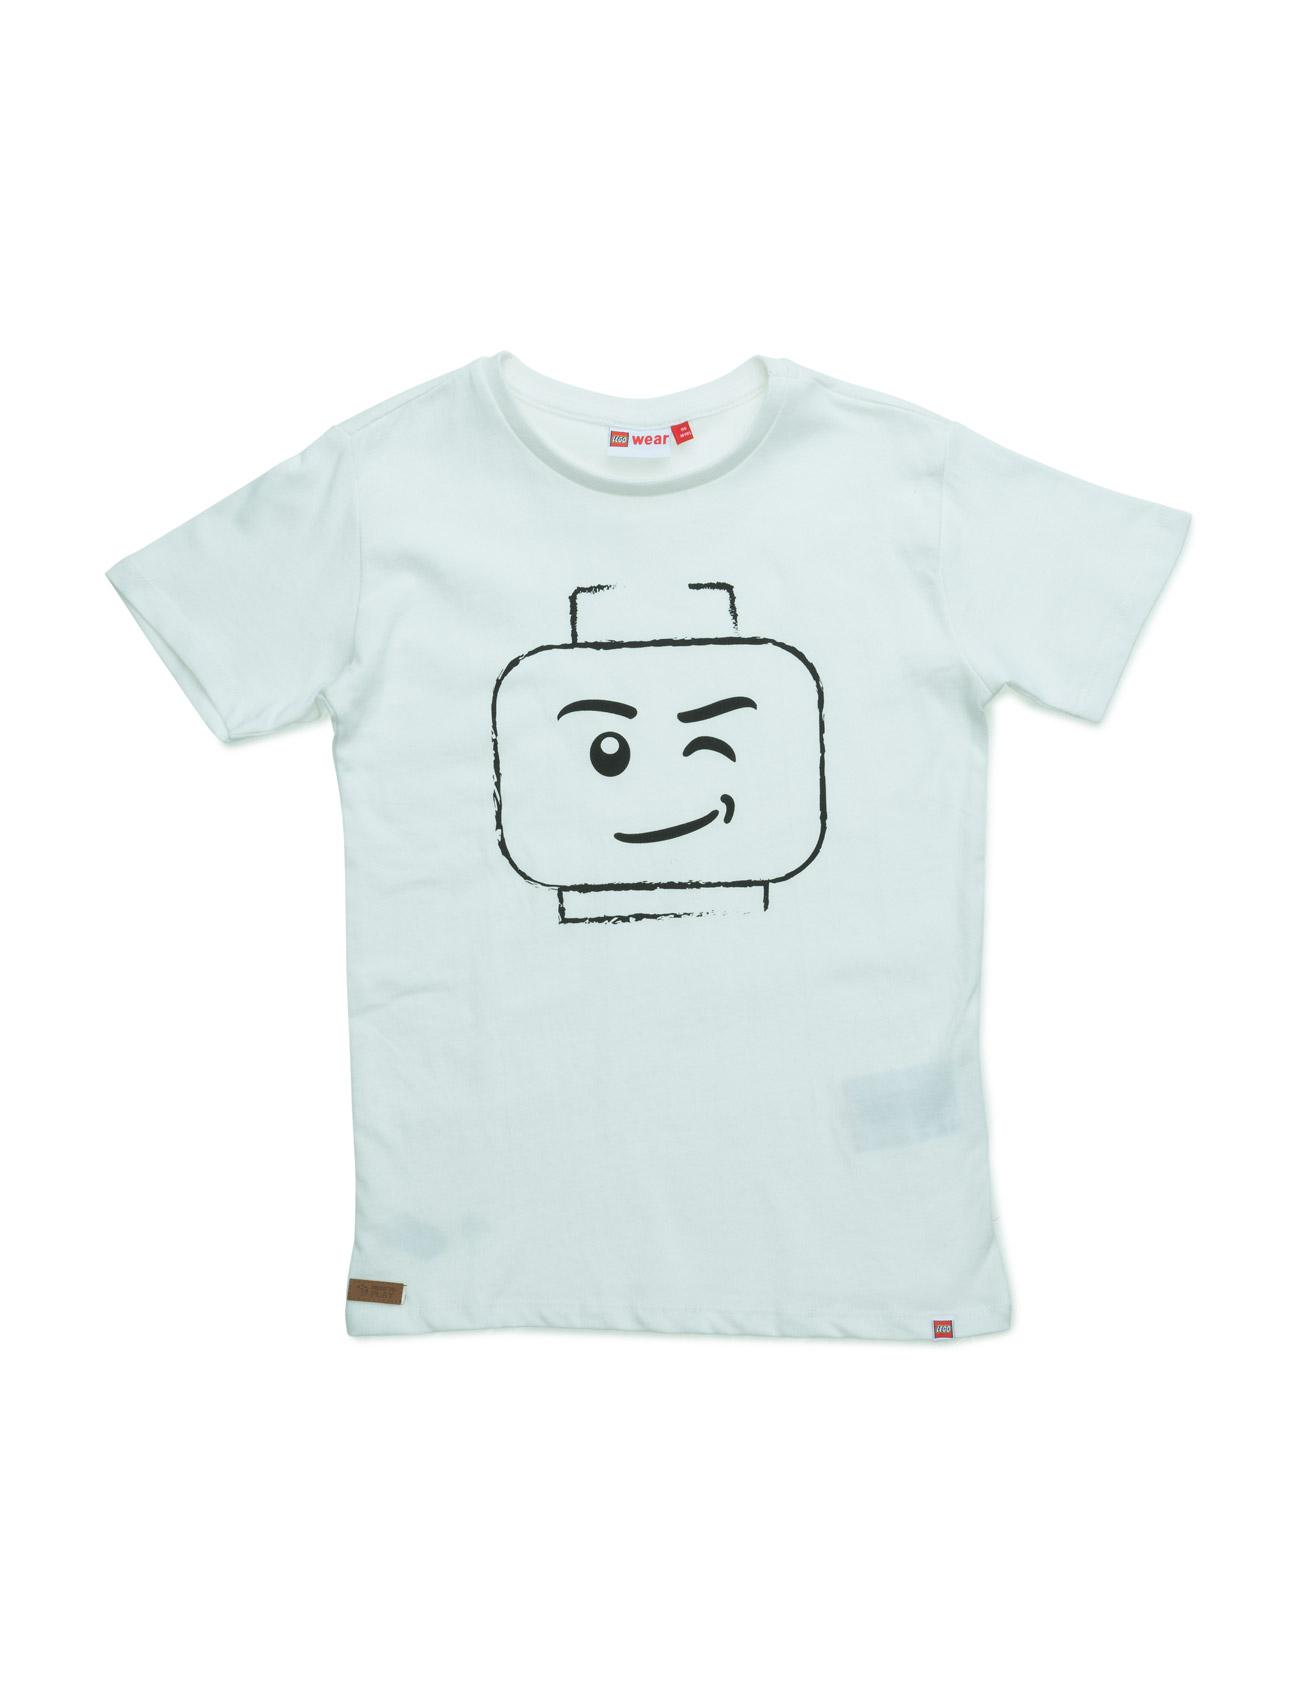 Teo 210 - T-Shirt S/S Lego wear Kortærmede t-shirts til Børn i Off White